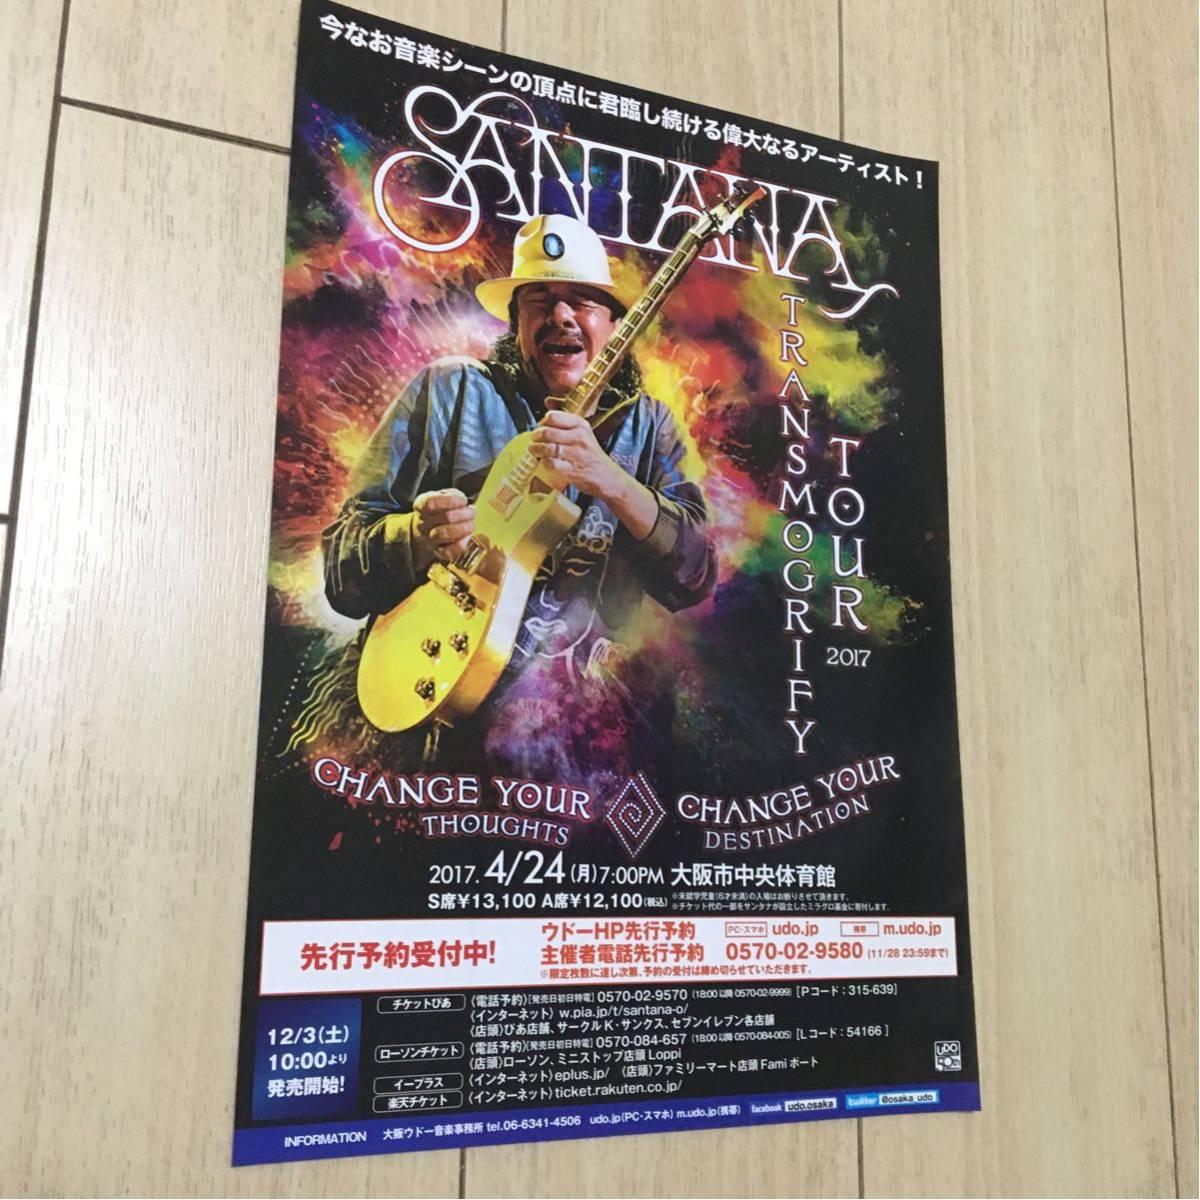 サンタナ santana transmogrify tour ライブ 告知 ツアー 2017 大阪 大阪市中央体育館 ギター コンサート